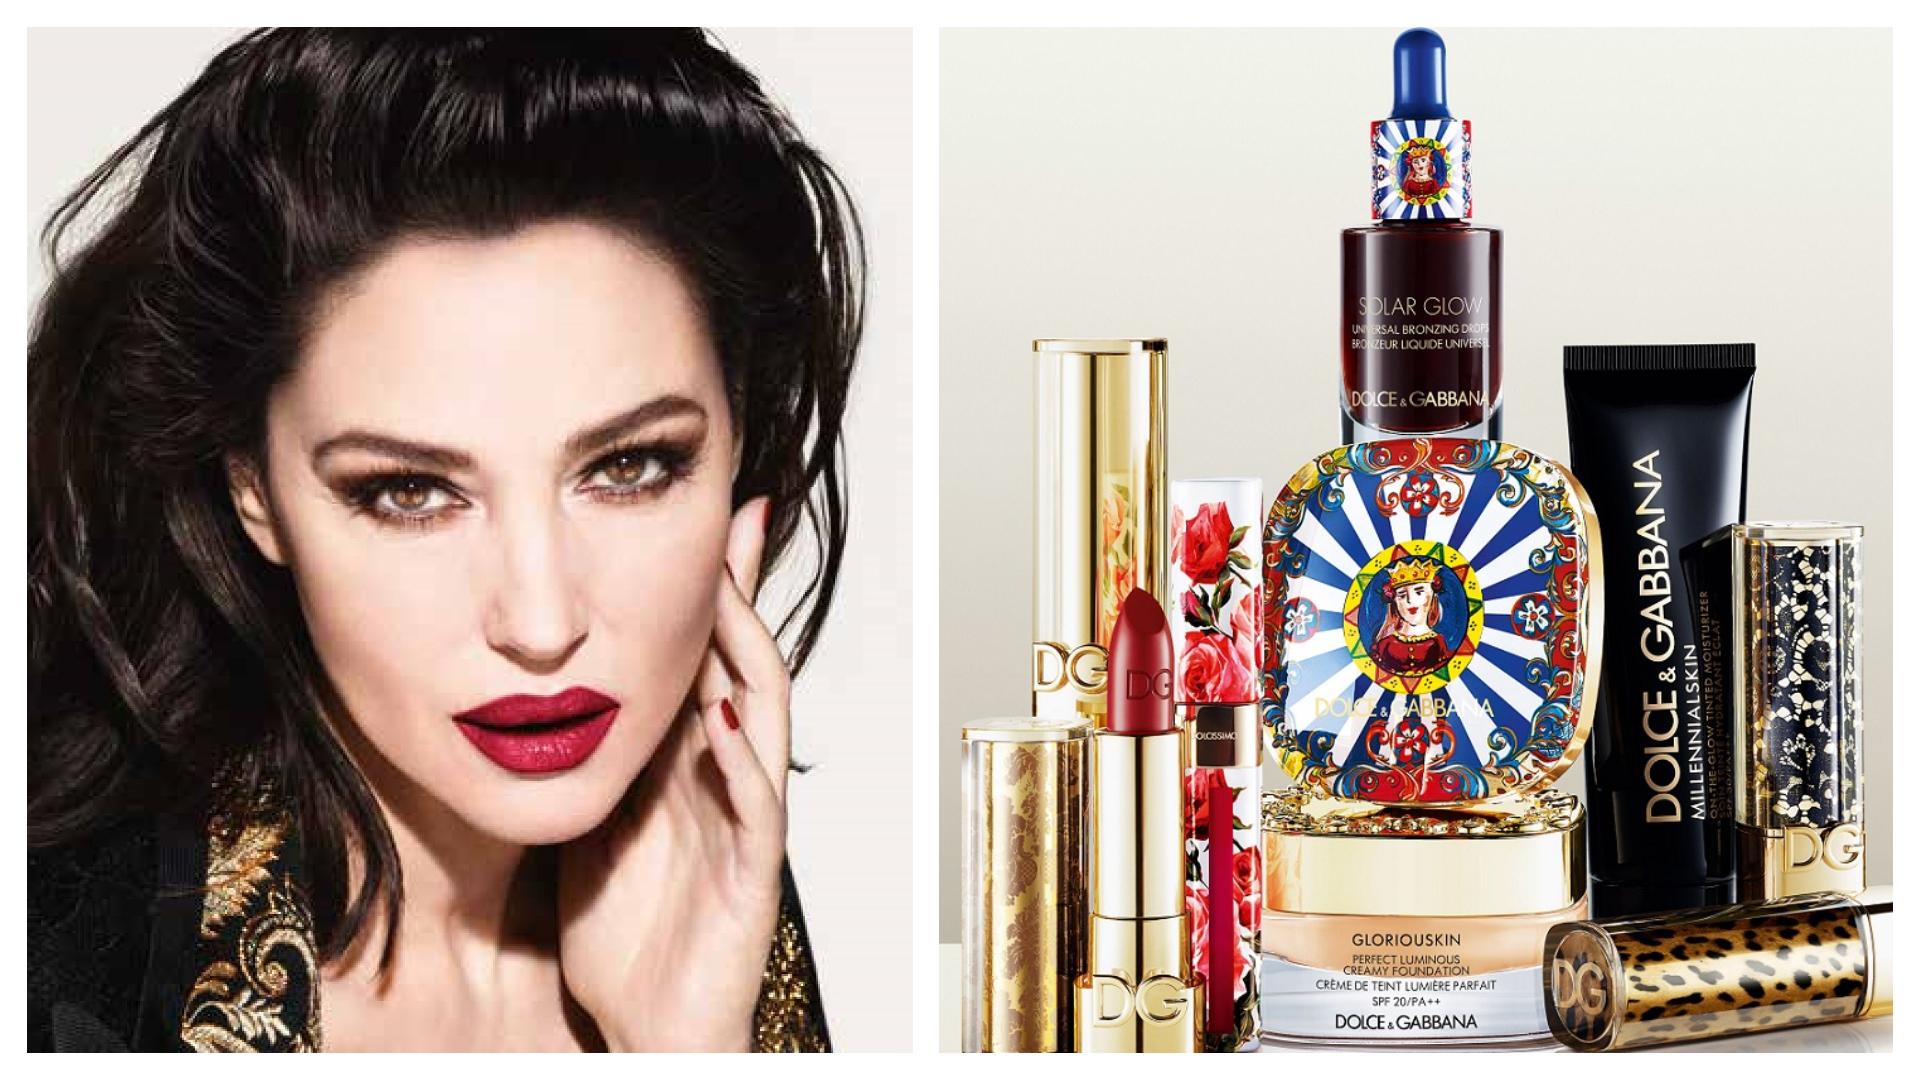 Colección maquillaje Dolce & Gabbana 2020